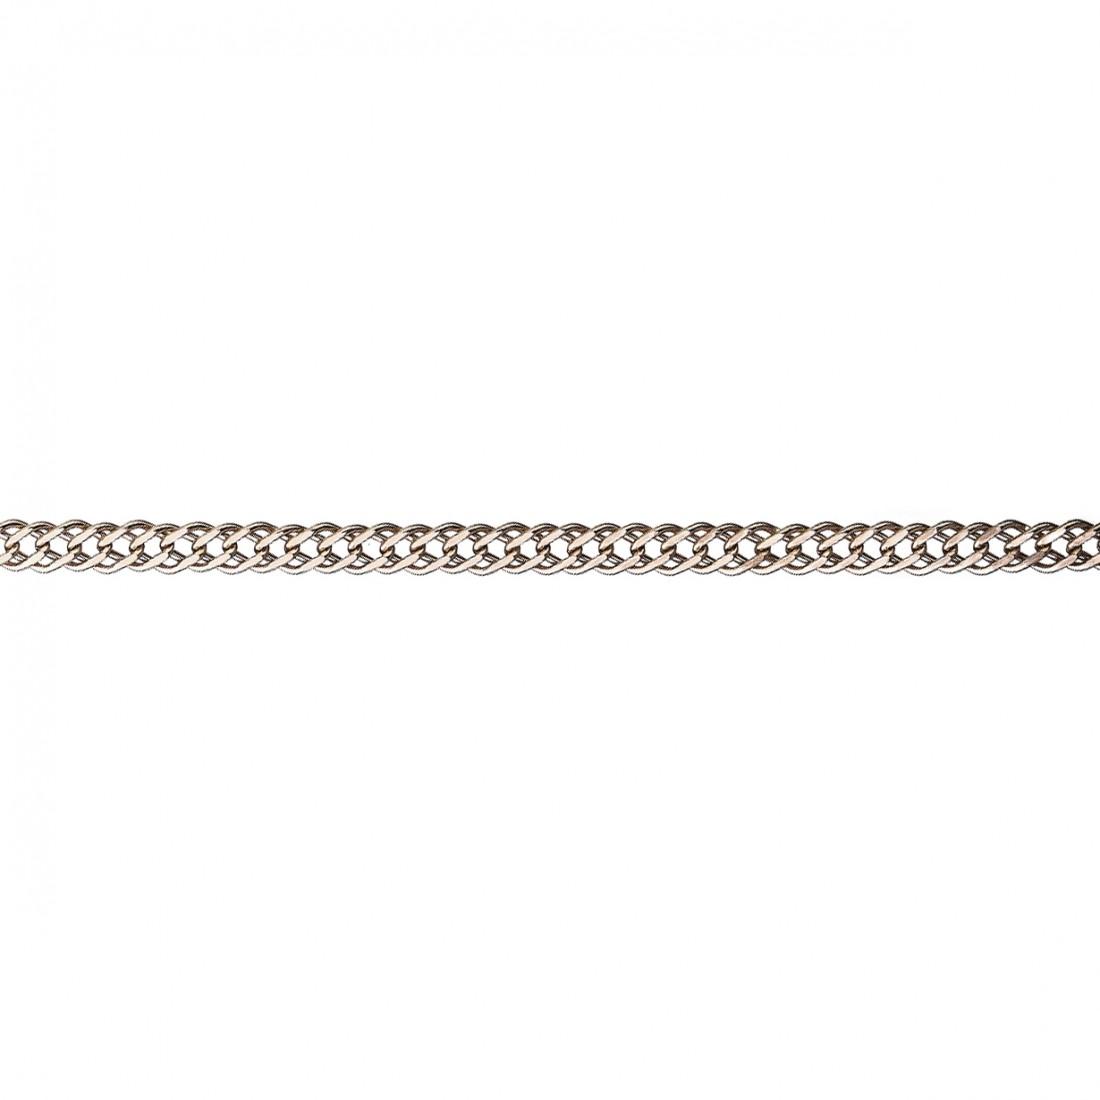 Облегченная цепь из золота арт. 8045154п 8045154п